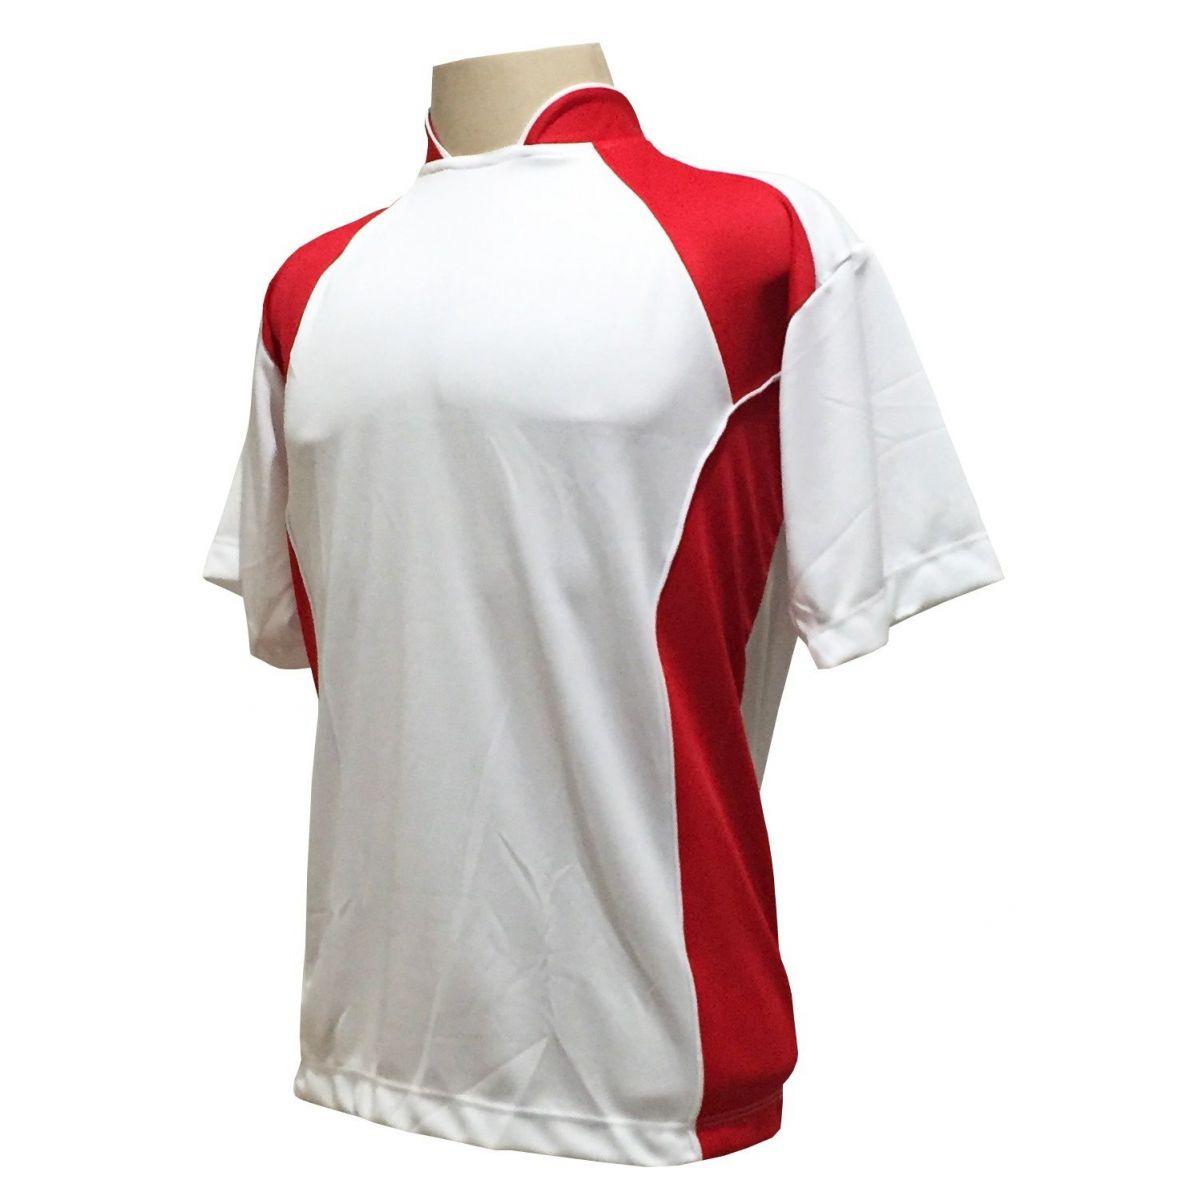 Uniforme Esportivo Completo modelo Suécia 14+1 (14 camisas Branco/Vermelho + 14 calções Madrid Vermelho + 14 pares de meiões Vermelhos + 1 conjunto de goleiro) + Brindes